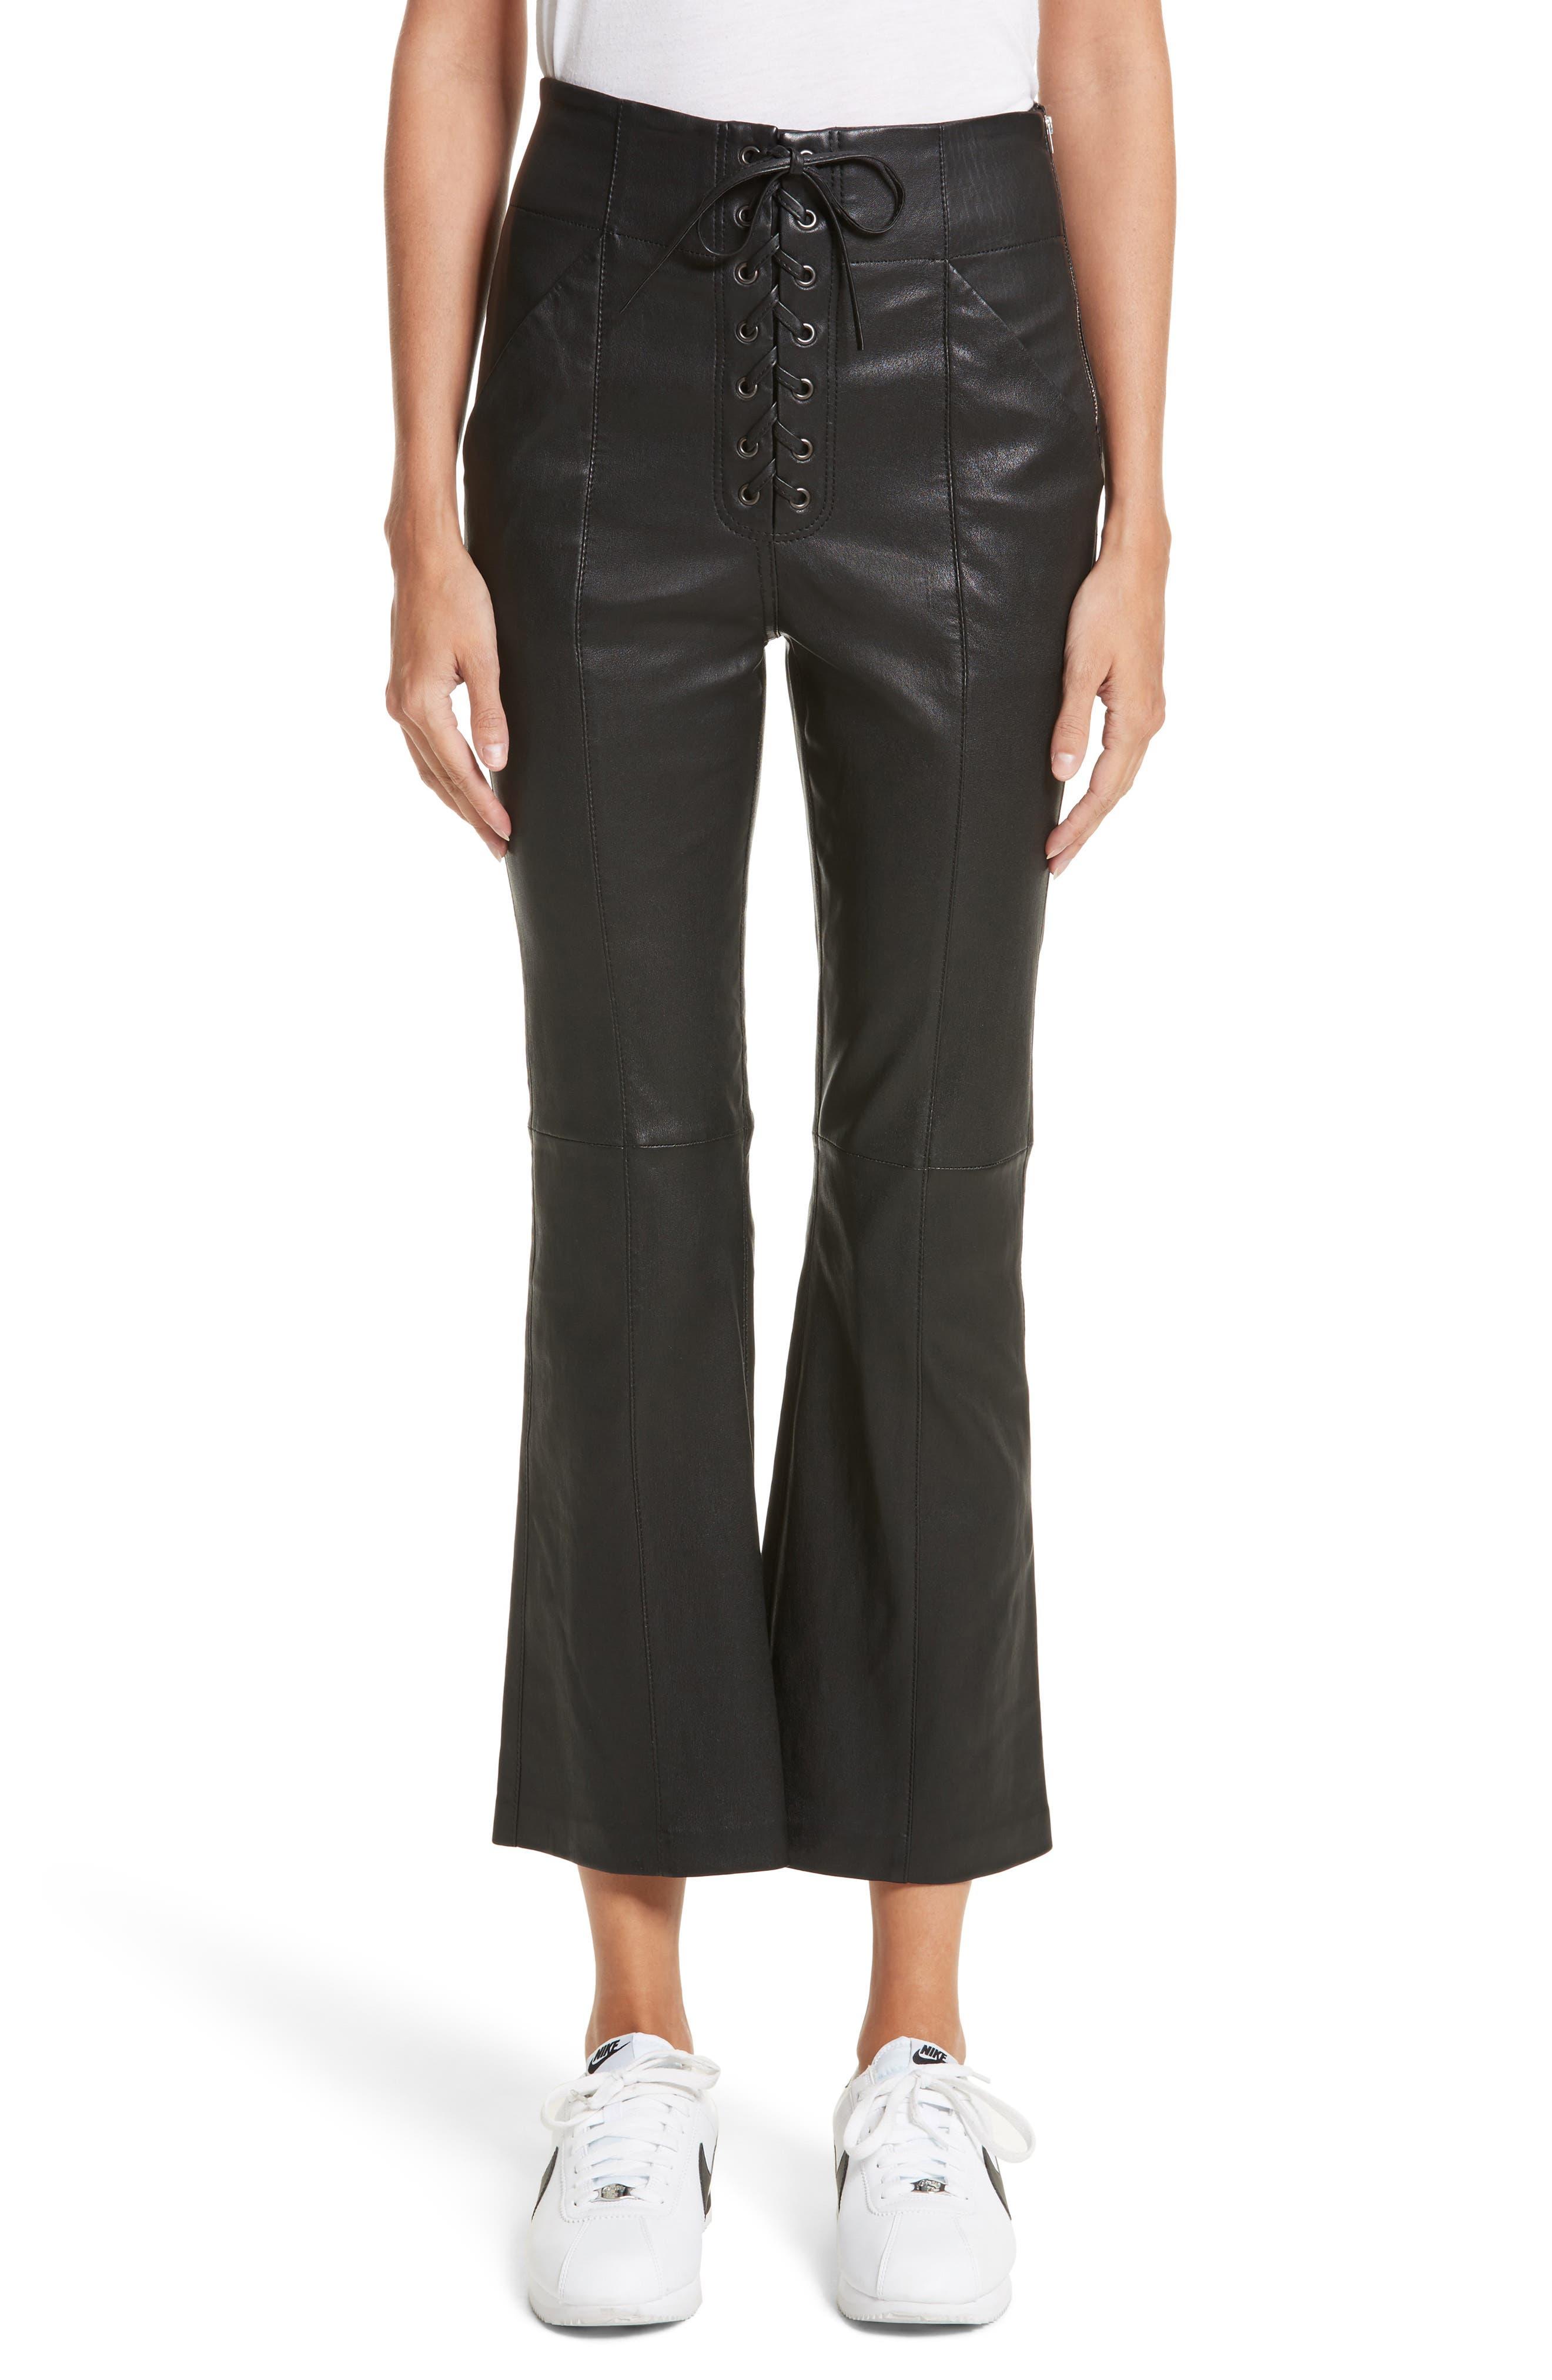 Delia Lace Up Leather Pants,                             Main thumbnail 1, color,                             Black